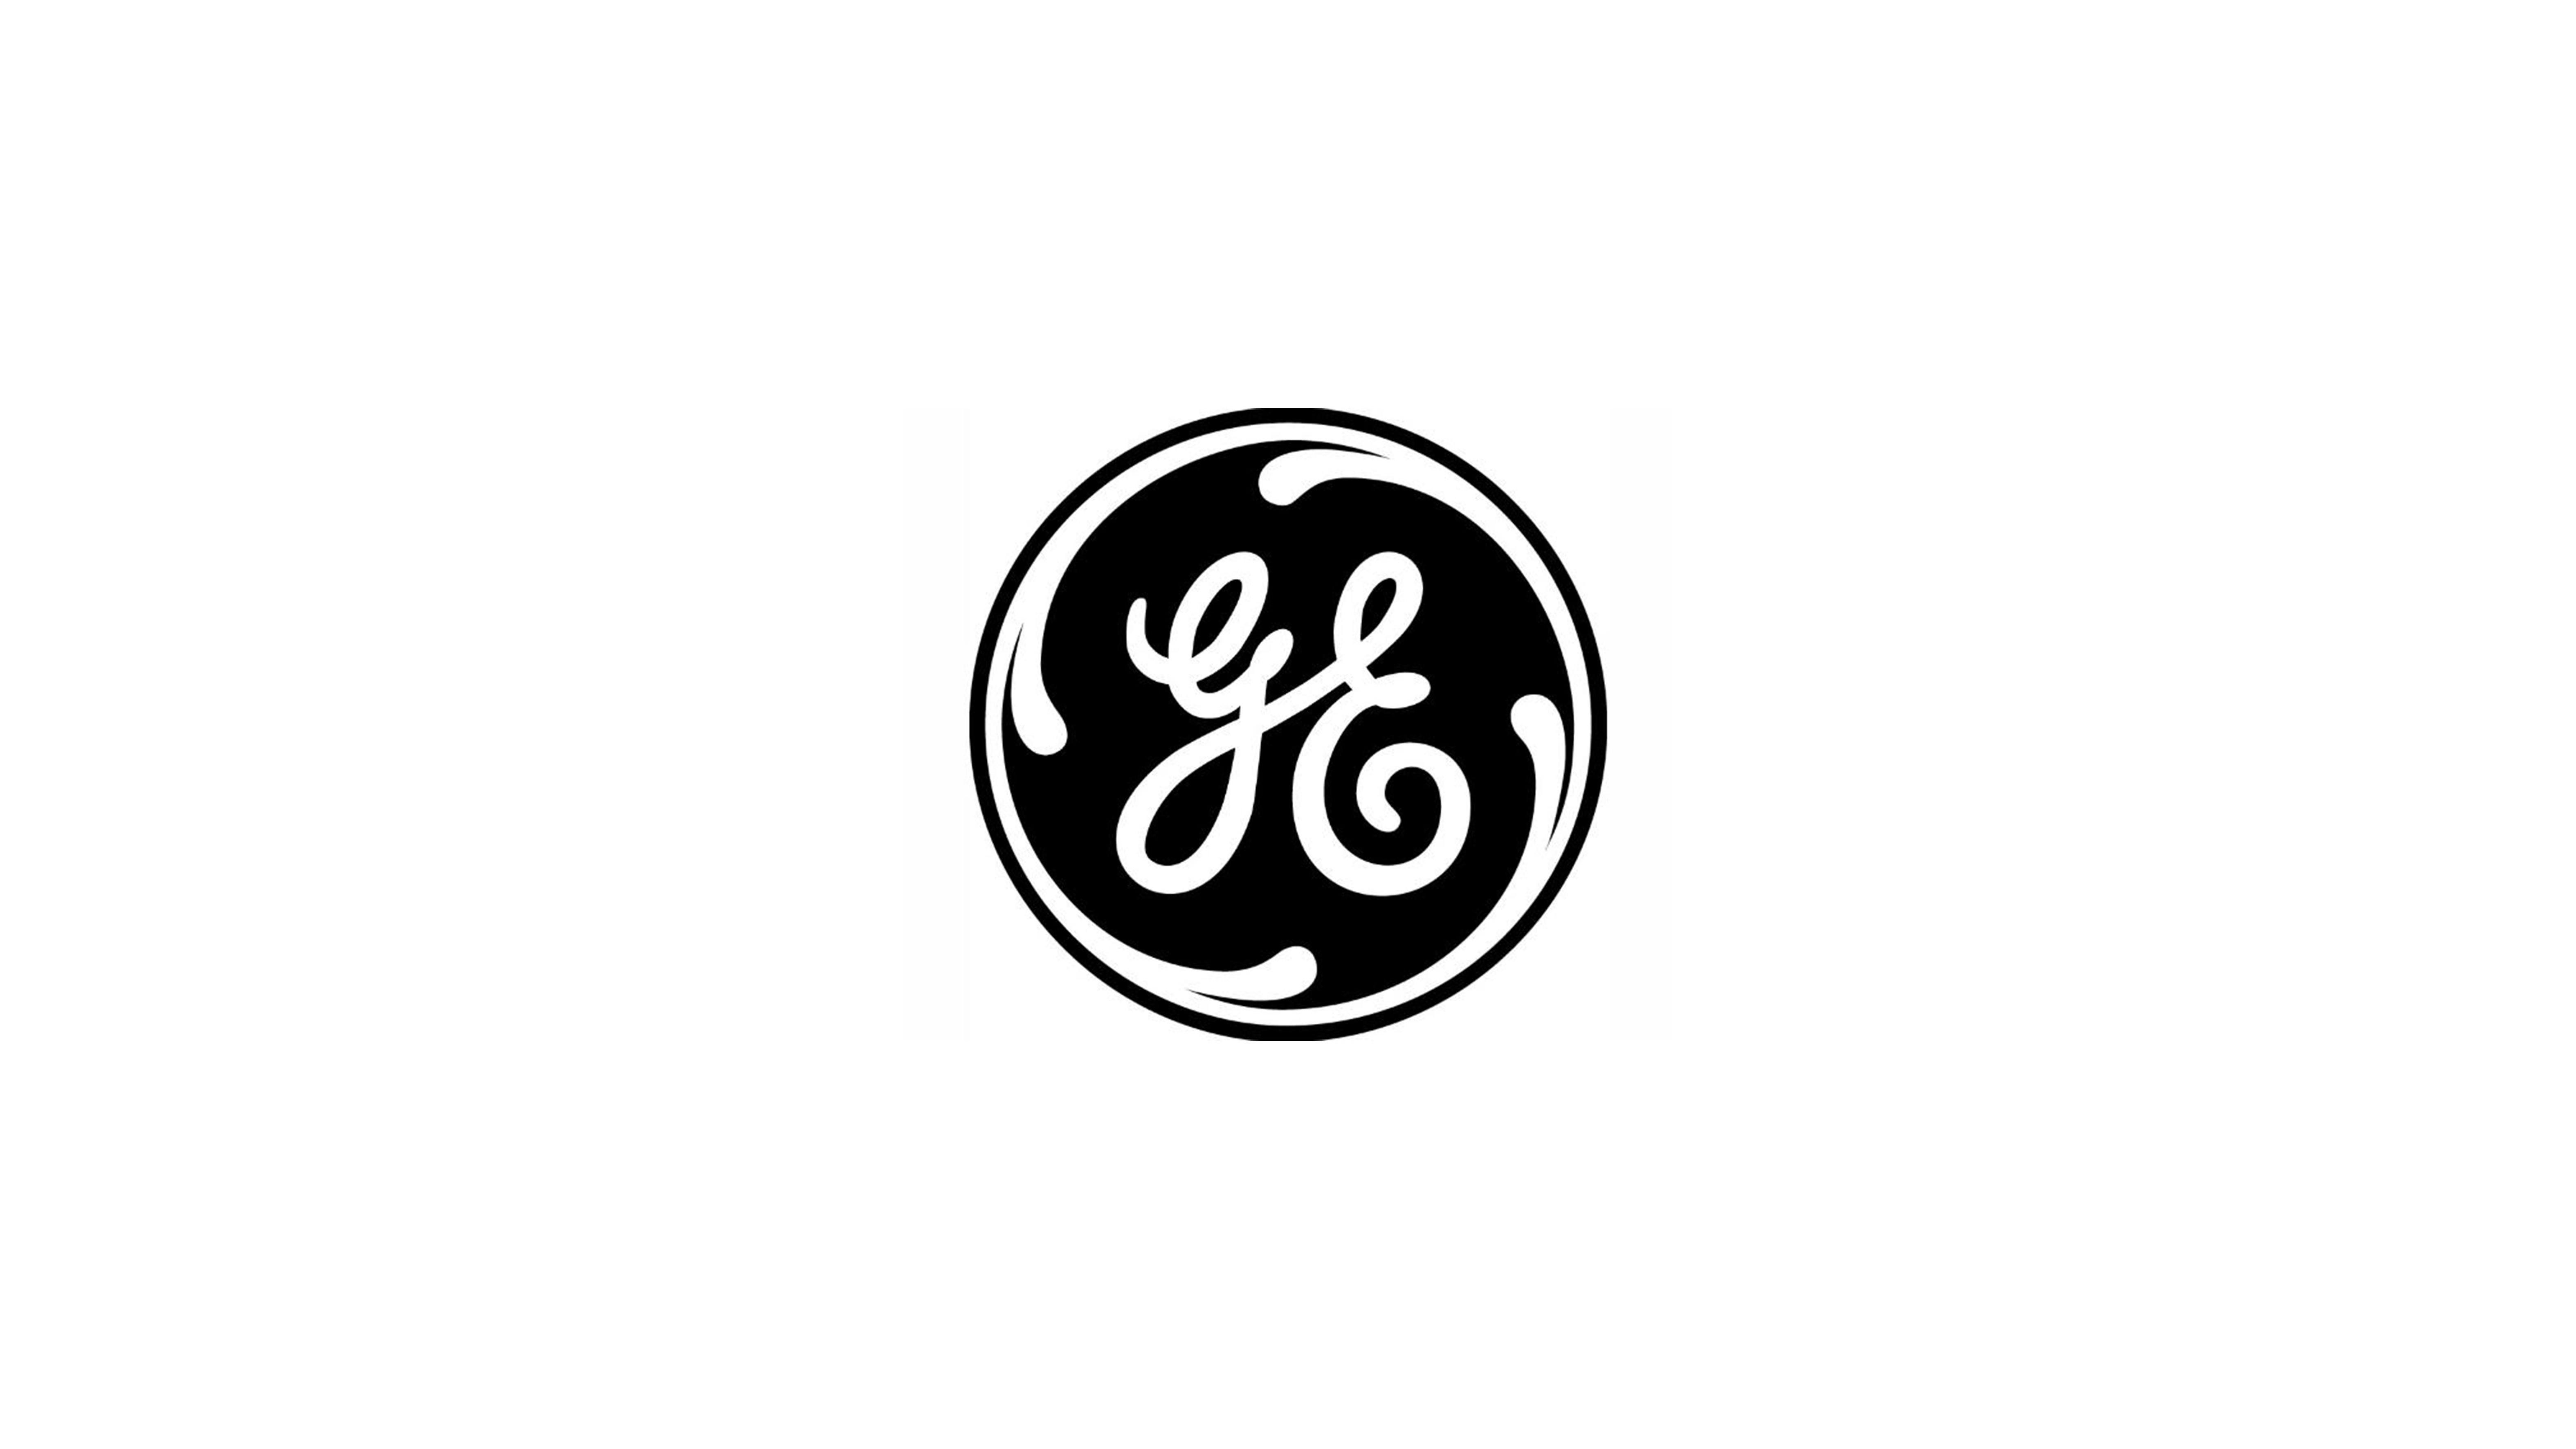 通用电气公司的历史LOGO